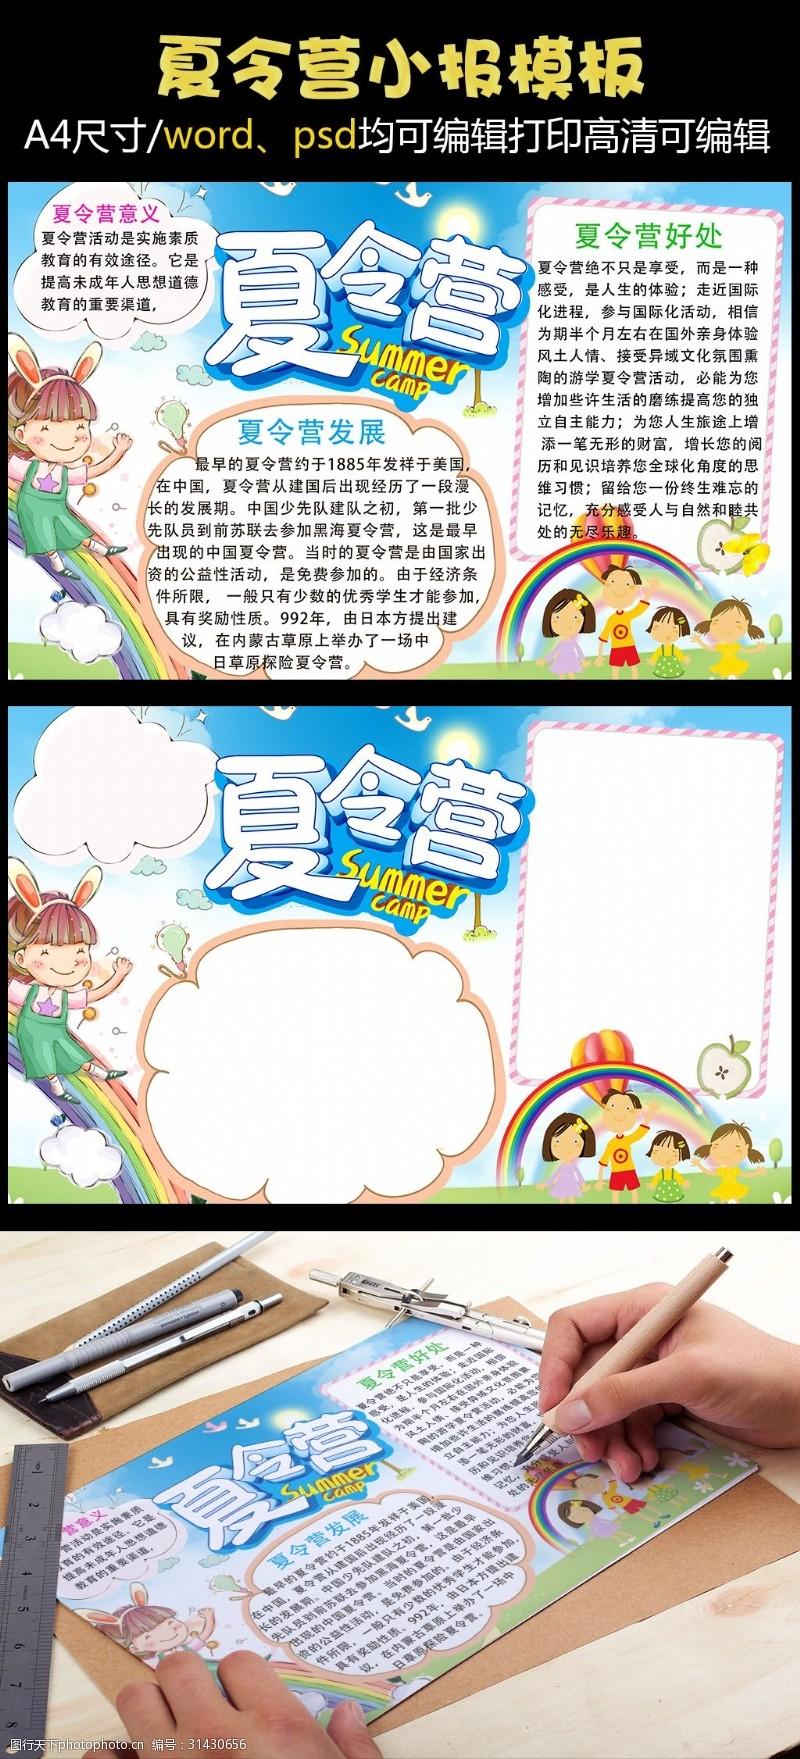 夏令營手抄報藍色卡通暑假小報